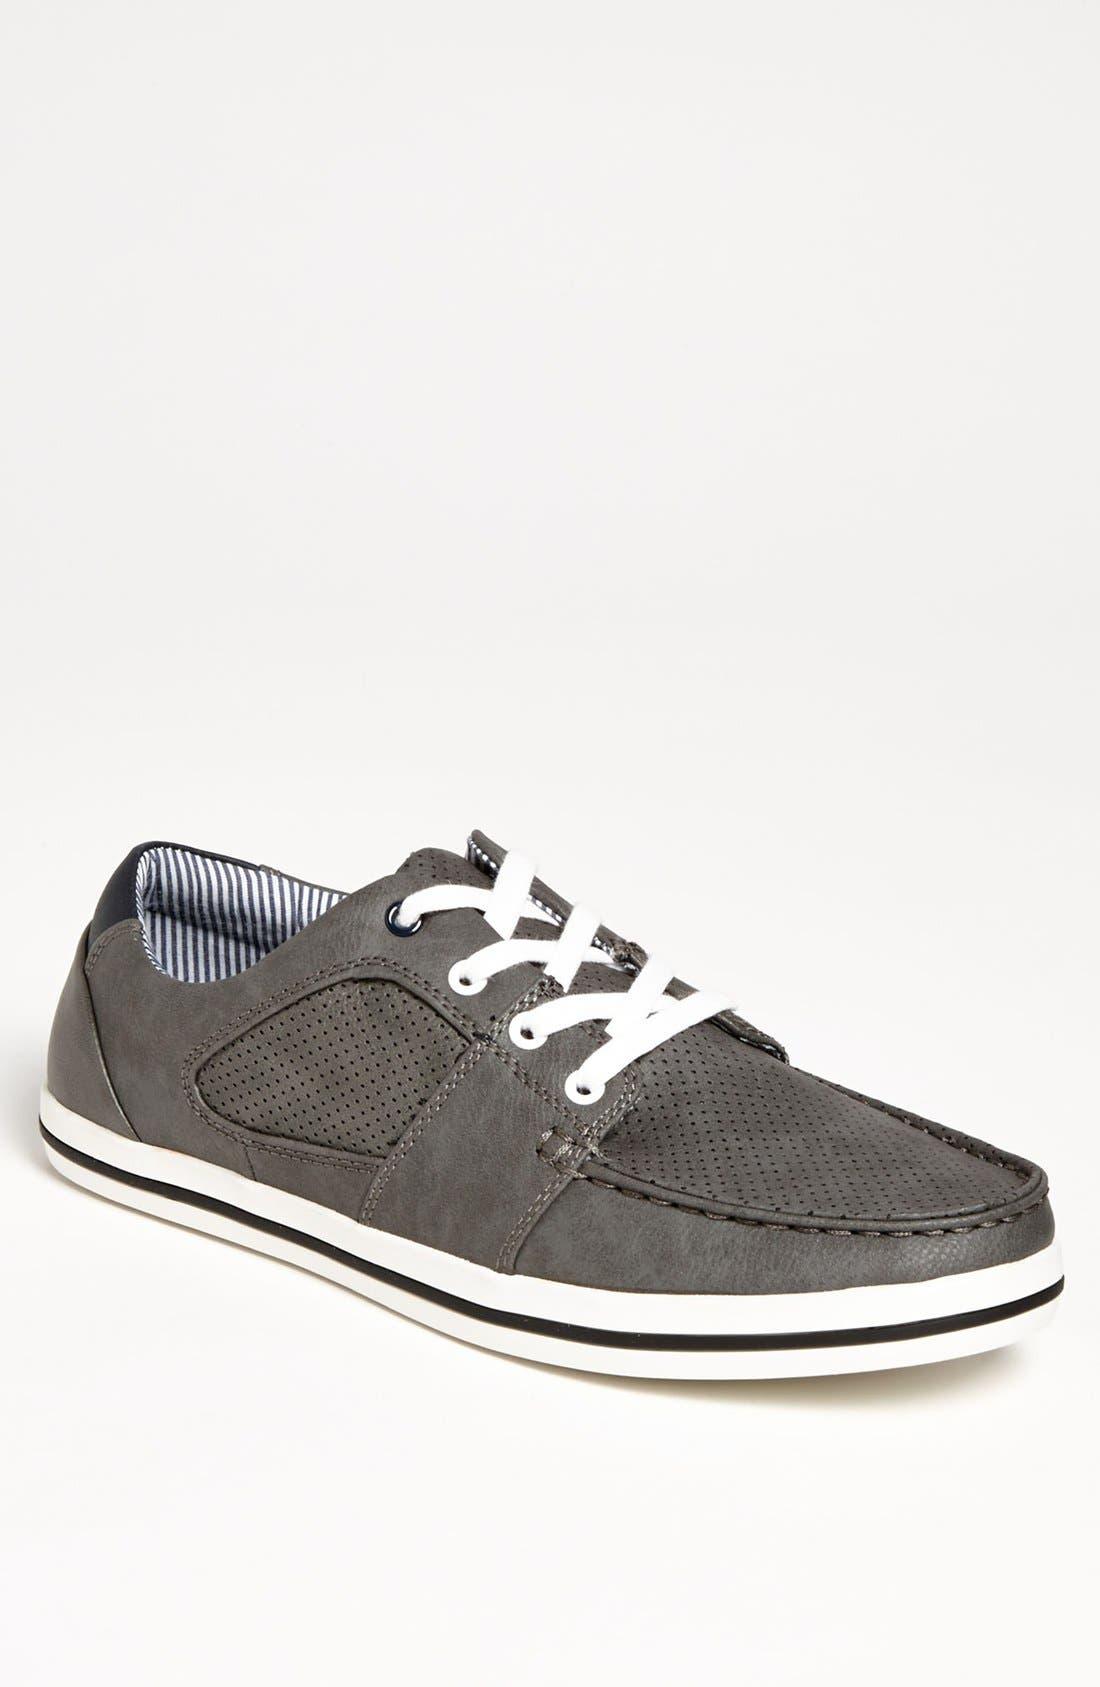 Main Image - ALDO 'Grucinan' Sneaker